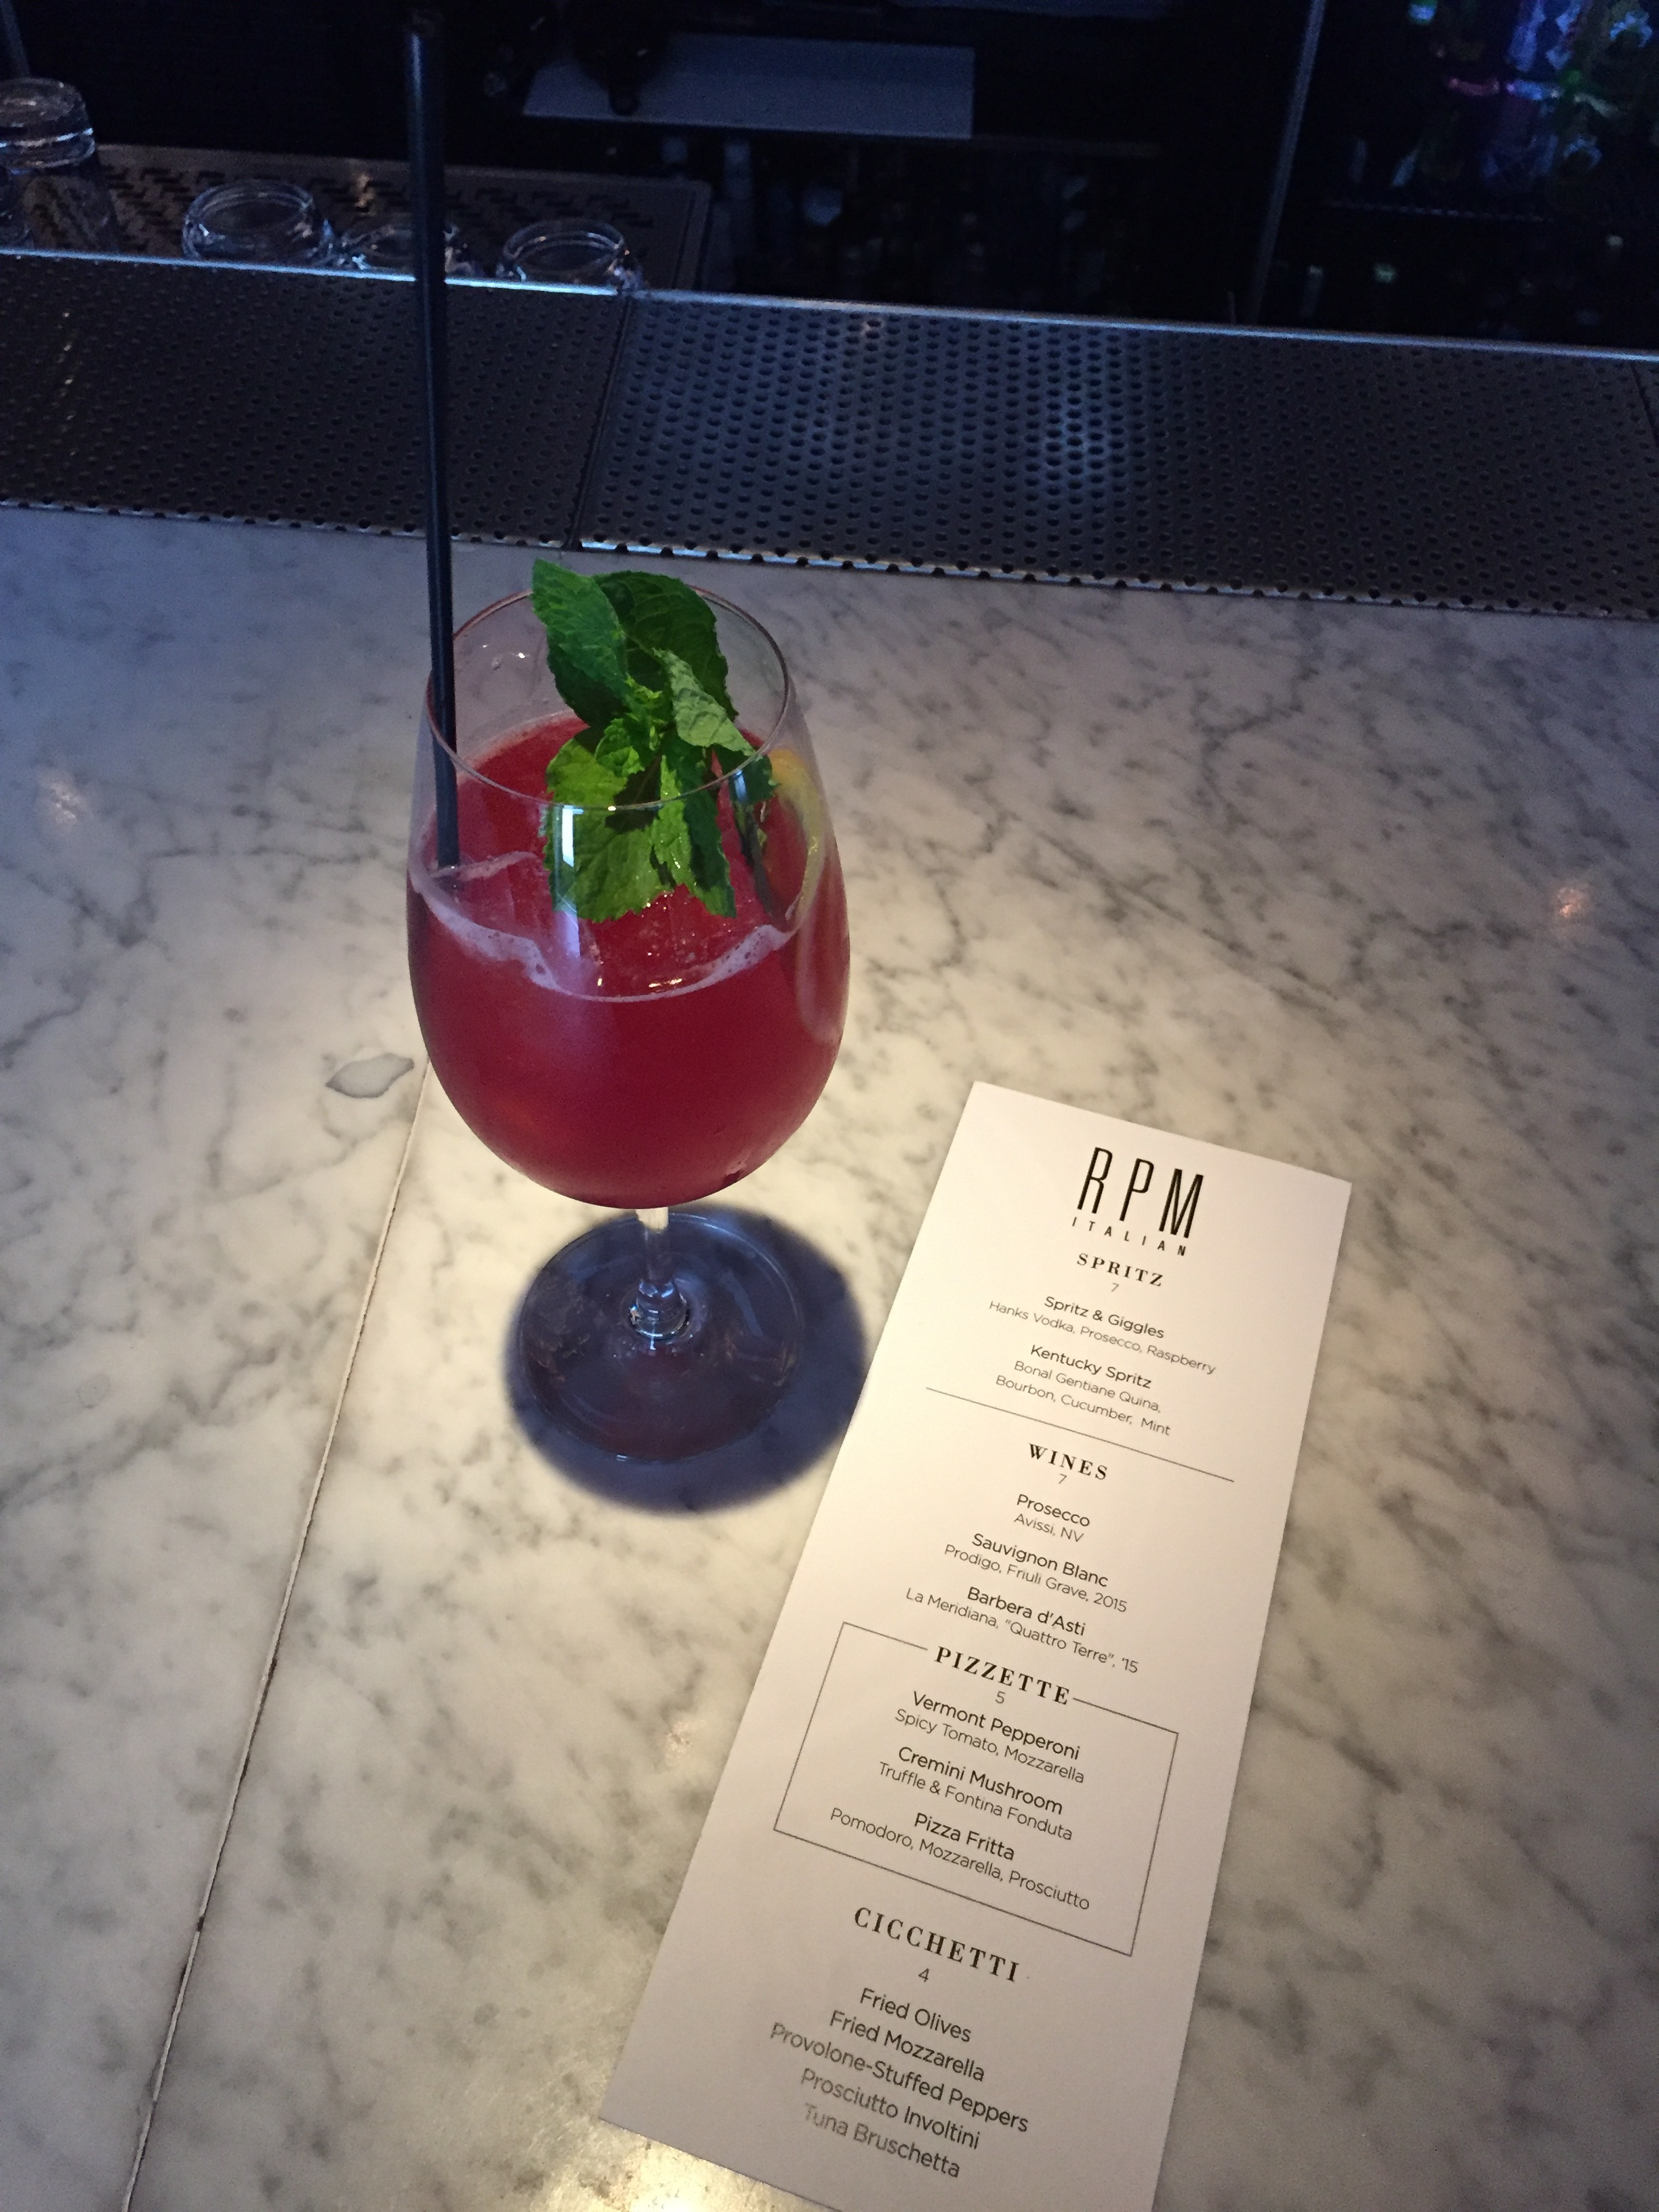 RPM Cocktails